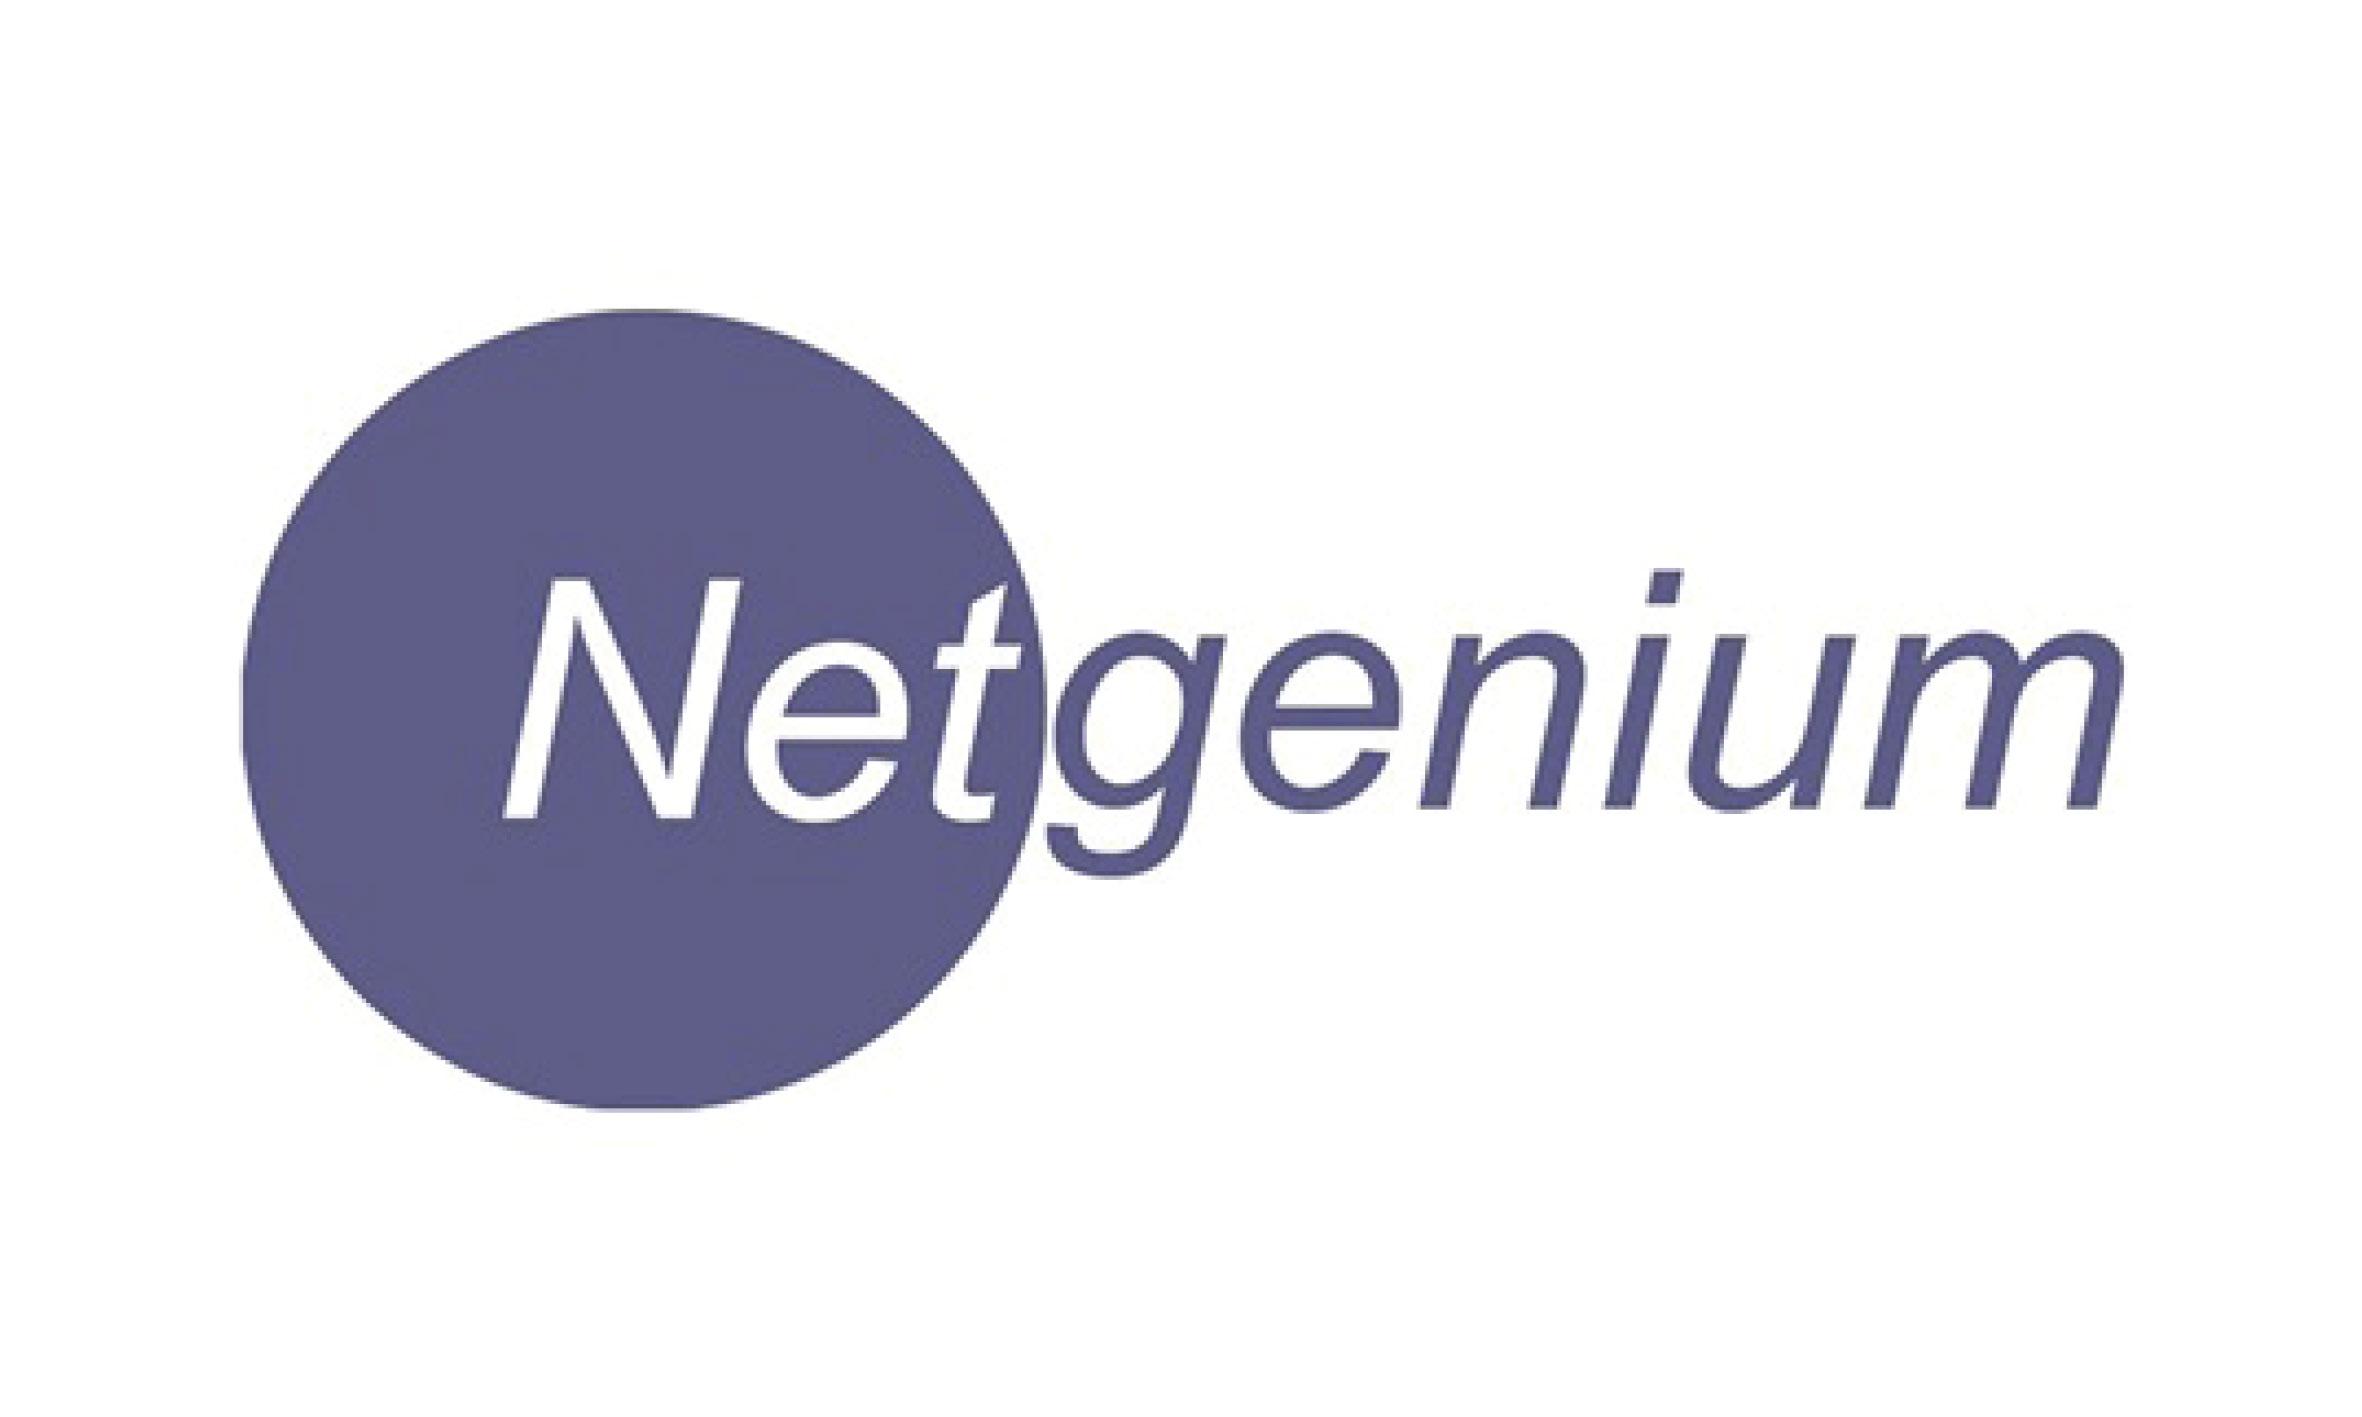 Netgenium Products